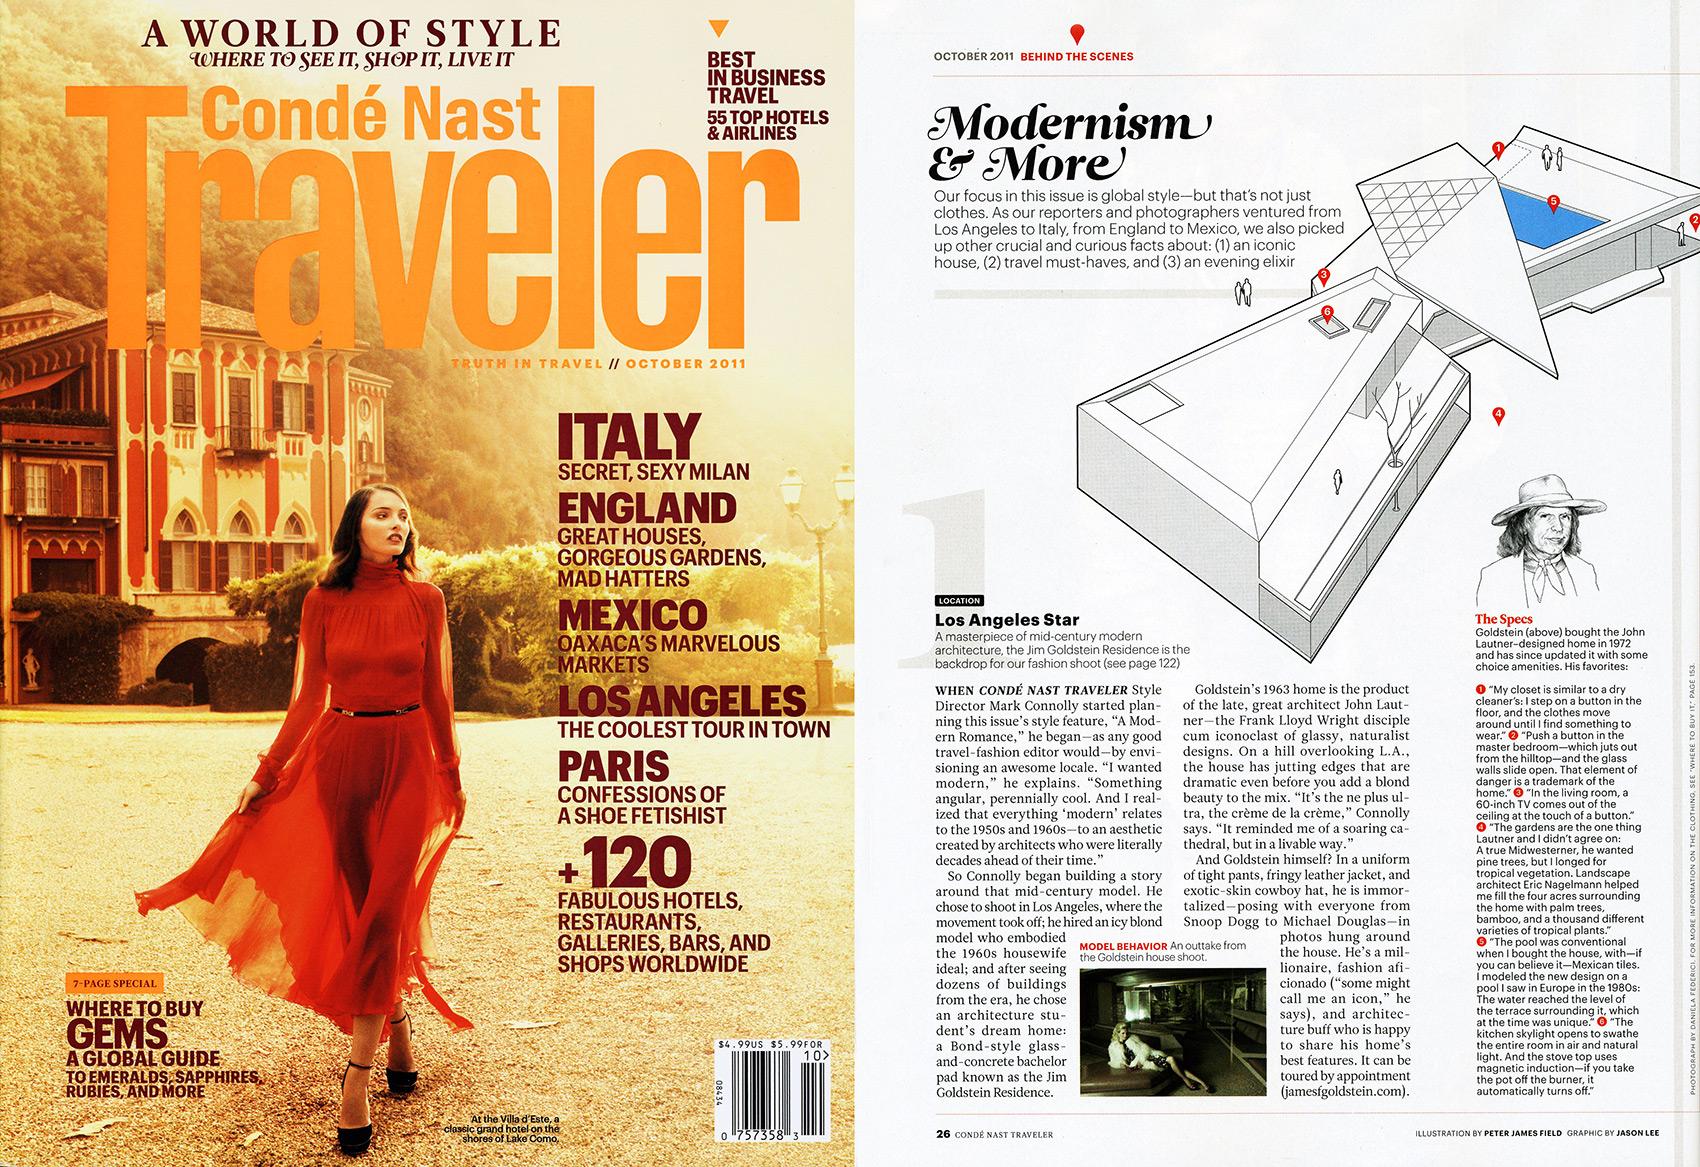 cd-traveler001